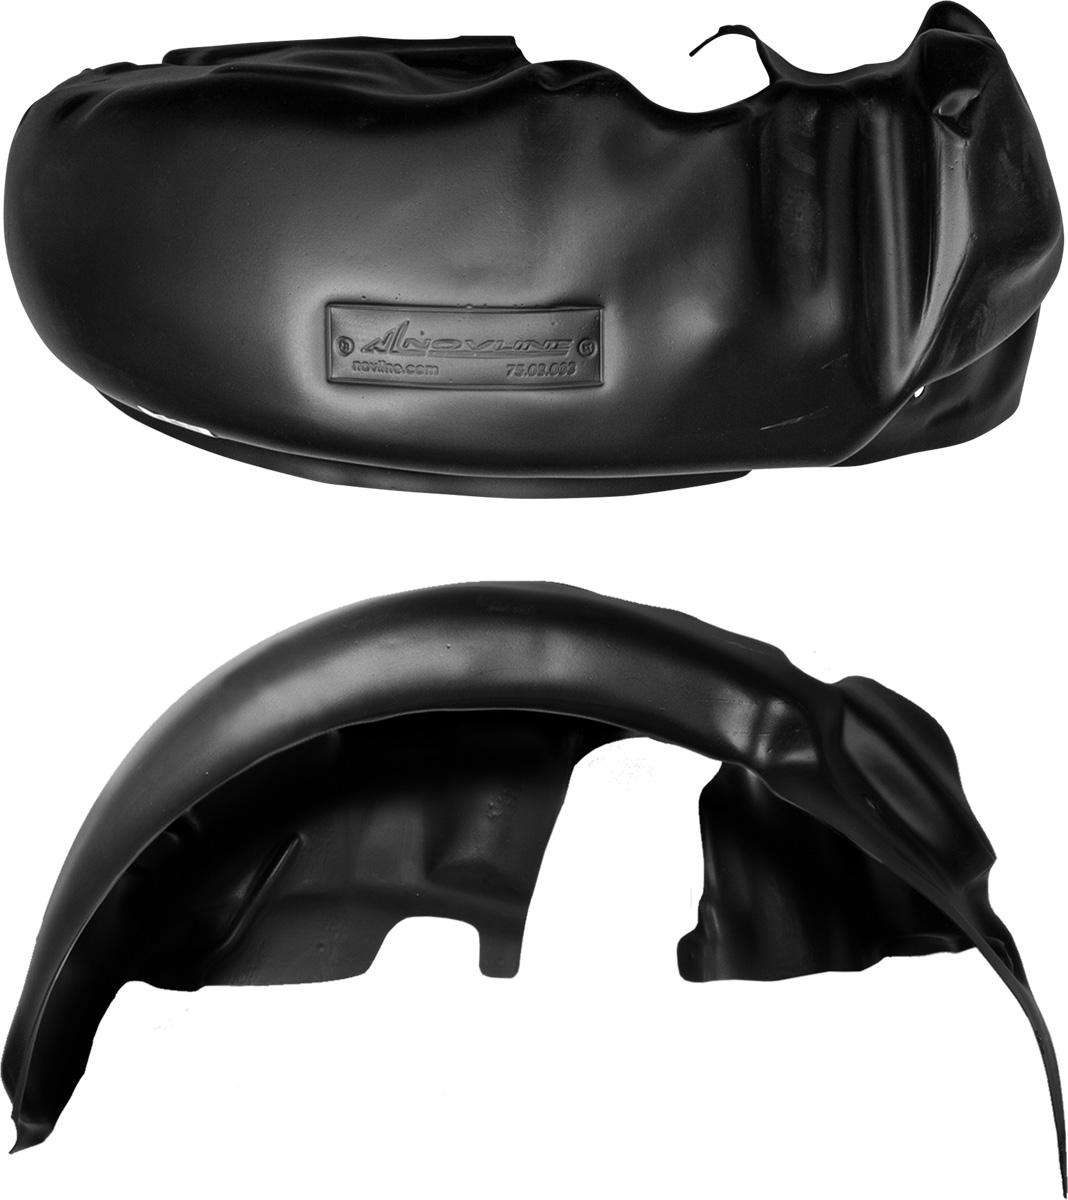 Подкрылок Novline-Autofamily, для Renault Sandero Stepway, 2010-2014, задний левый1004900000360Колесные ниши - одни из самых уязвимых зон днища вашего автомобиля. Они постоянно подвергаются воздействию со стороны дороги. Лучшая, почти абсолютная защита для них - специально отформованные пластиковые кожухи, которые называются подкрылками. Производятся они как для отечественных моделей автомобилей, так и для иномарок. Подкрылки Novline-Autofamily выполнены из высококачественного, экологически чистого пластика. Обеспечивают надежную защиту кузова автомобиля от пескоструйного эффекта и негативного влияния, агрессивных антигололедных реагентов. Пластик обладает более низкой теплопроводностью, чем металл, поэтому в зимний период эксплуатации использование пластиковых подкрылков позволяет лучше защитить колесные ниши от налипания снега и образования наледи. Оригинальность конструкции подчеркивает элегантность автомобиля, бережно защищает нанесенное на днище кузова антикоррозийное покрытие и позволяет осуществить крепление подкрылков внутри колесной арки практически без дополнительного крепежа и сверления, не нарушая при этом лакокрасочного покрытия, что предотвращает возникновение новых очагов коррозии. Подкрылки долговечны, обладают высокой прочностью и сохраняют заданную форму, а также все свои физико-механические характеристики в самых тяжелых климатических условиях (от -50°С до +50°С).Уважаемые клиенты!Обращаем ваше внимание, на тот факт, что подкрылок имеет форму, соответствующую модели данного автомобиля. Фото служит для визуального восприятия товара.